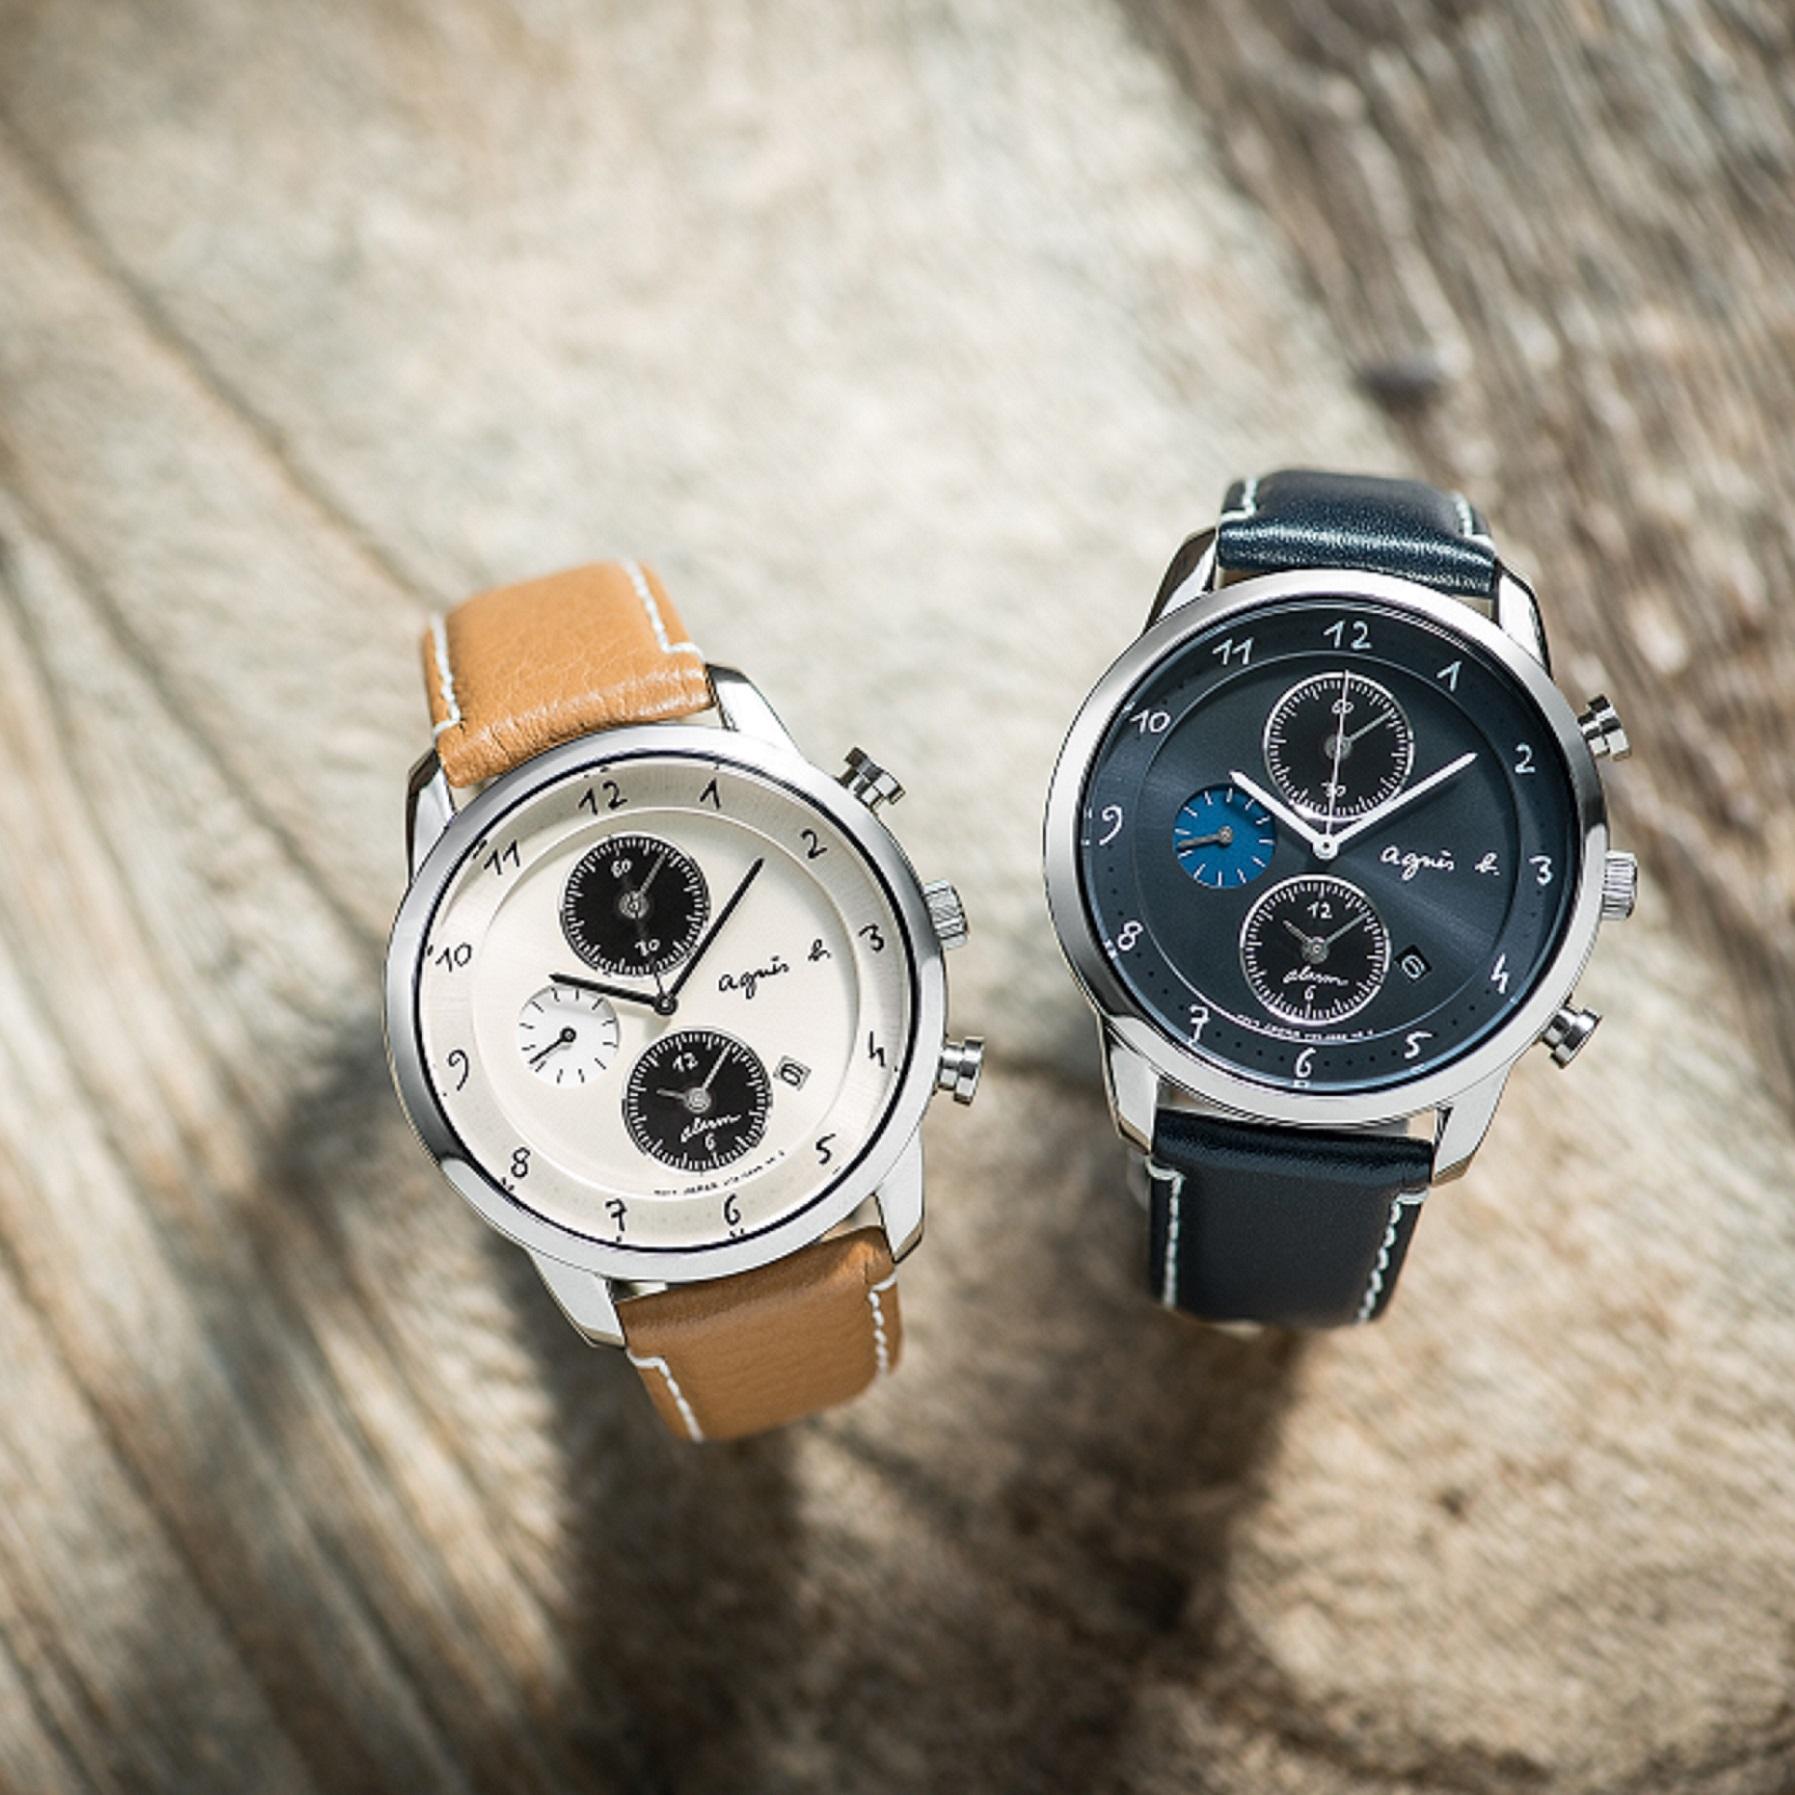 春こそ、新しい私にアップデート!おしゃれに寄り添う「アニエスベー」の時計♡